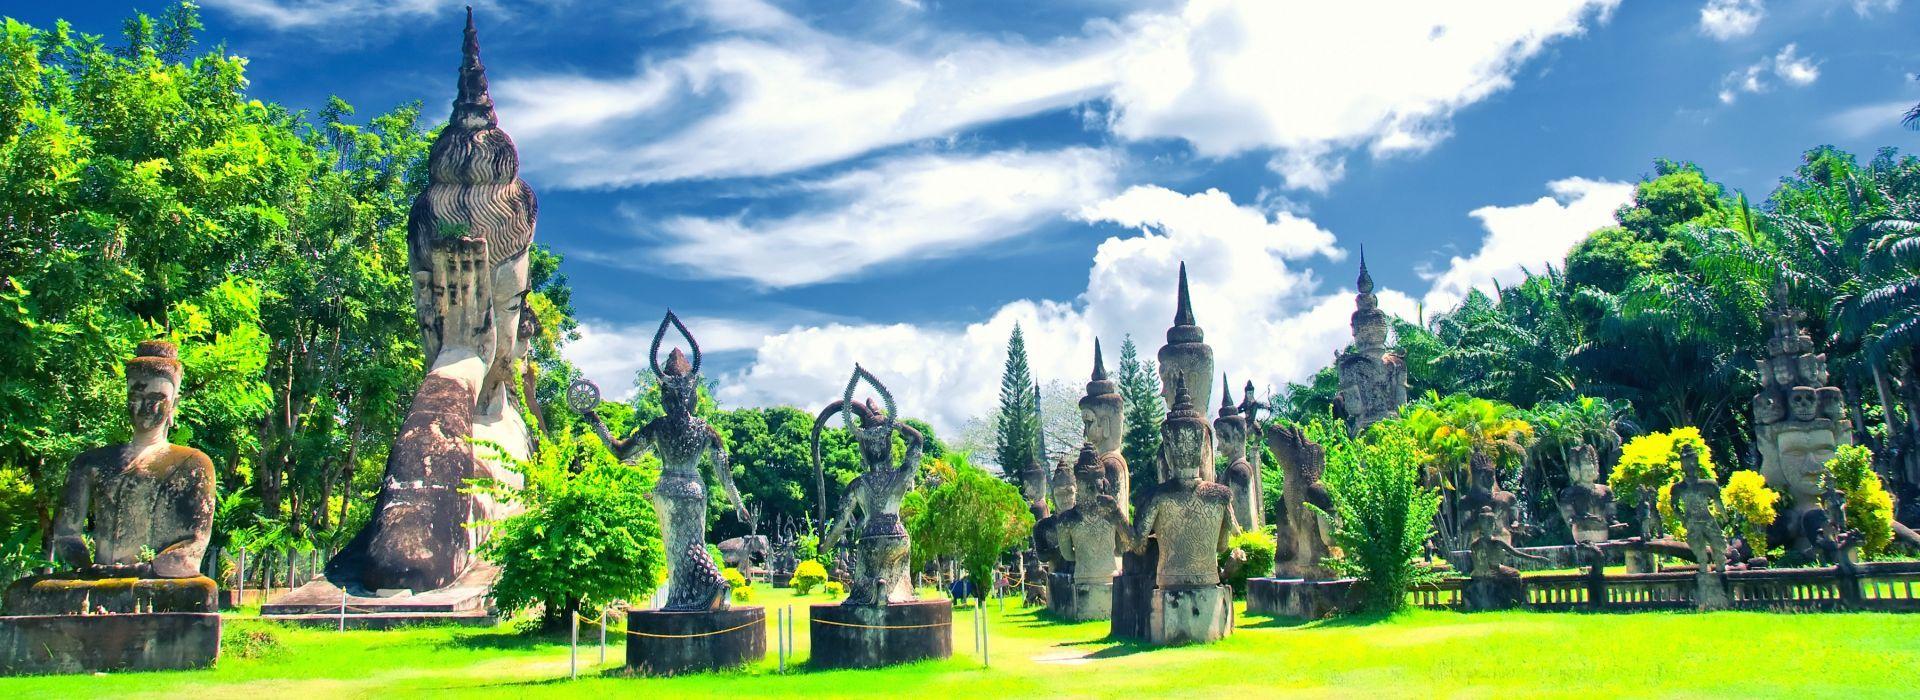 Waterfalls Tours in Laos